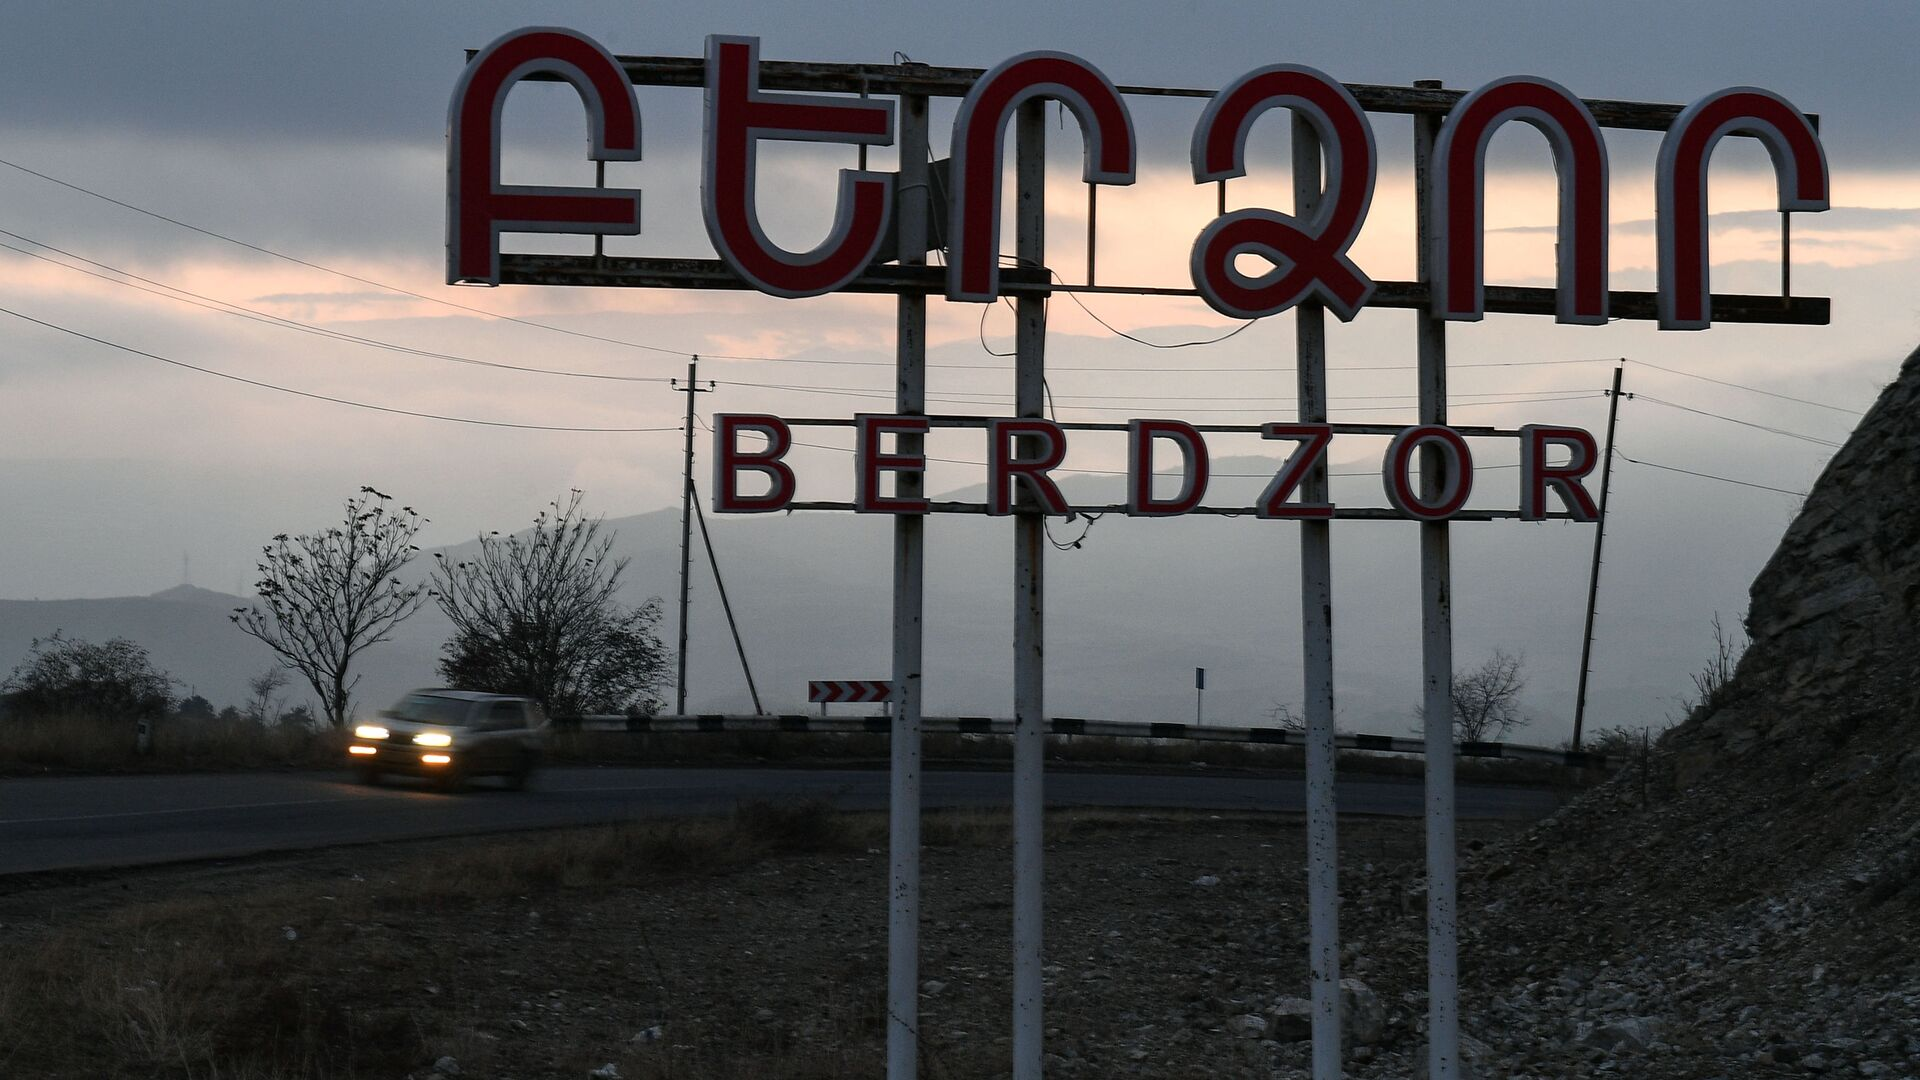 Vjezd do města Berdzor v Náhorním Karabachu - Sputnik Česká republika, 1920, 25.09.2021